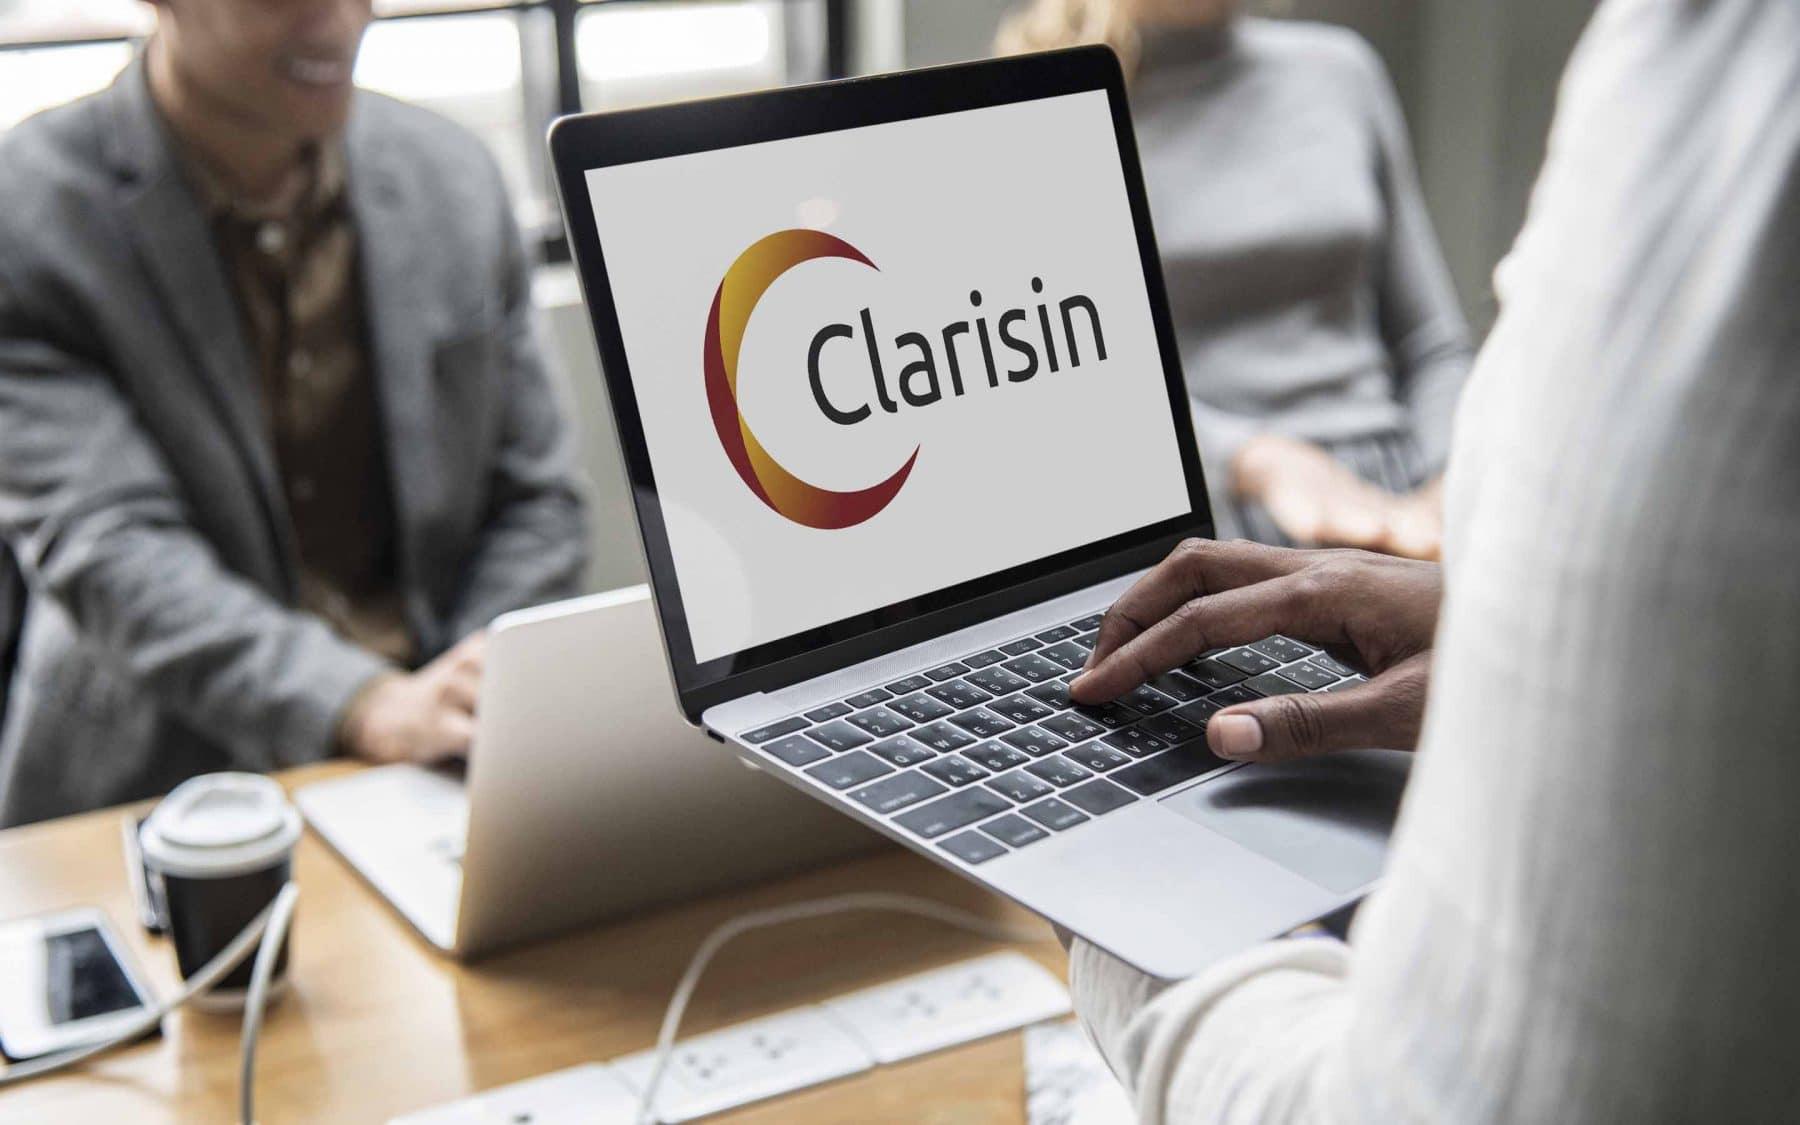 Clarisin 2